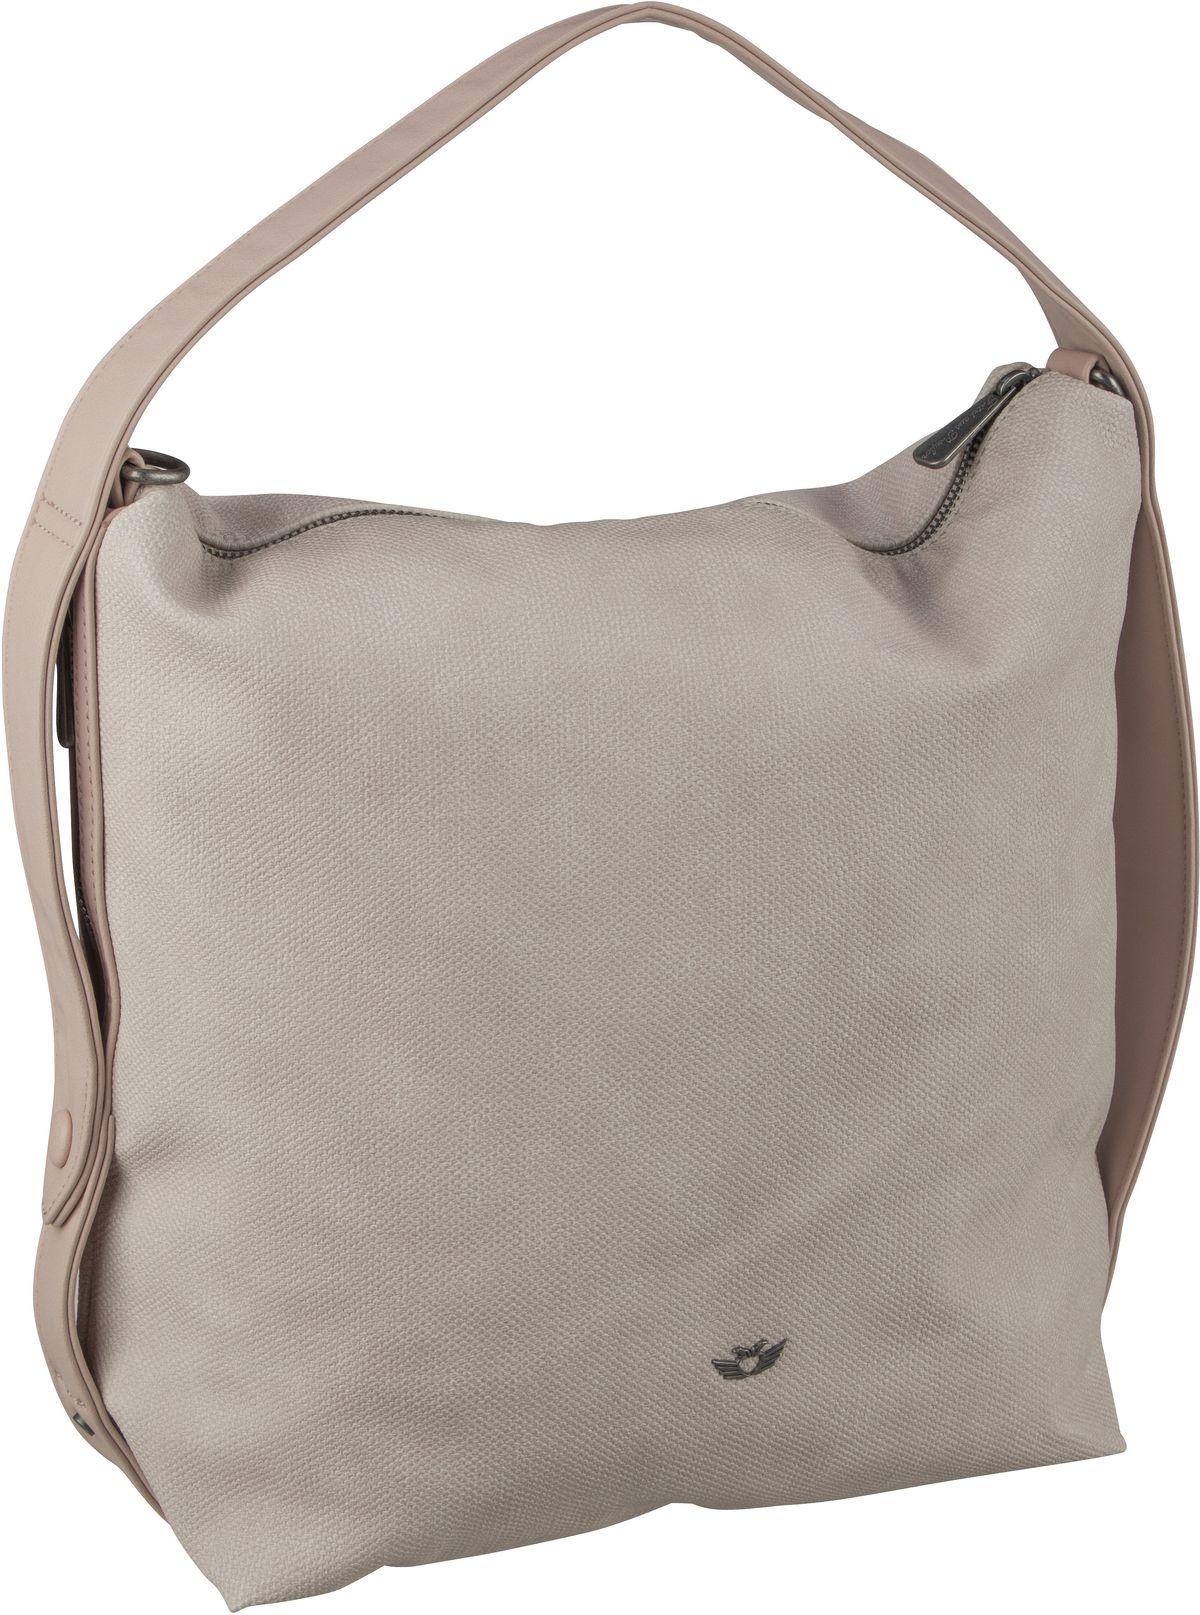 Handtasche Anni Pixley Creme